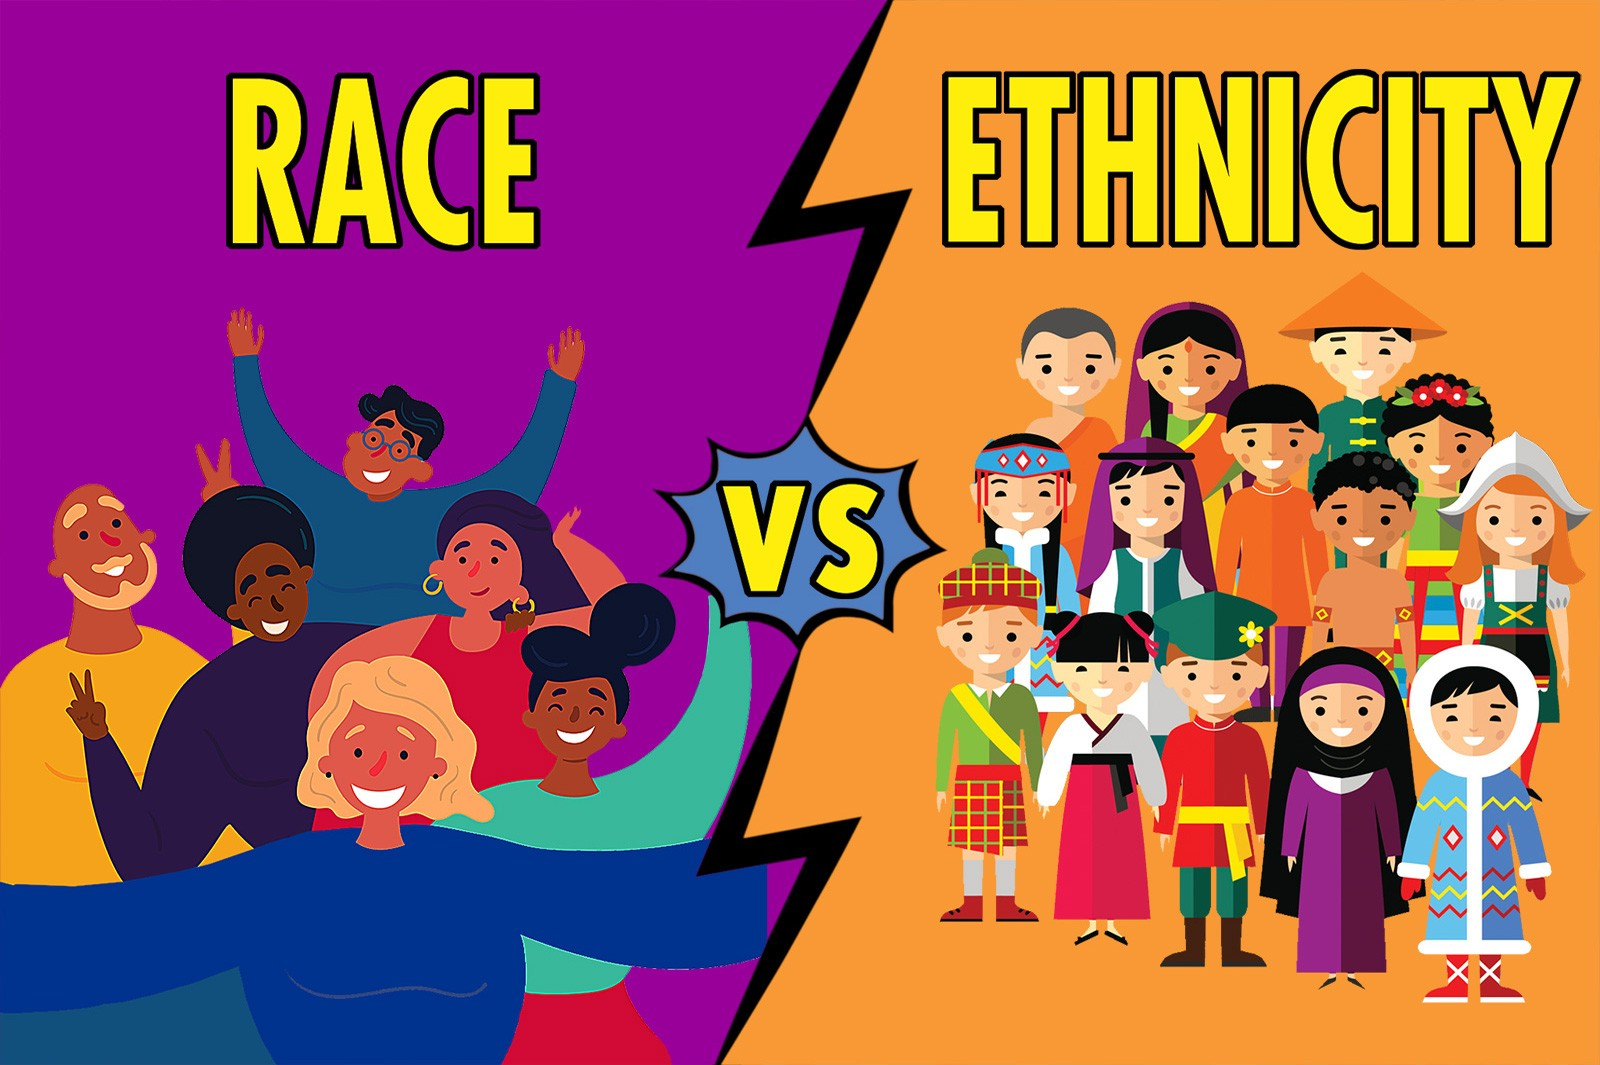 use of race vs ethnicity